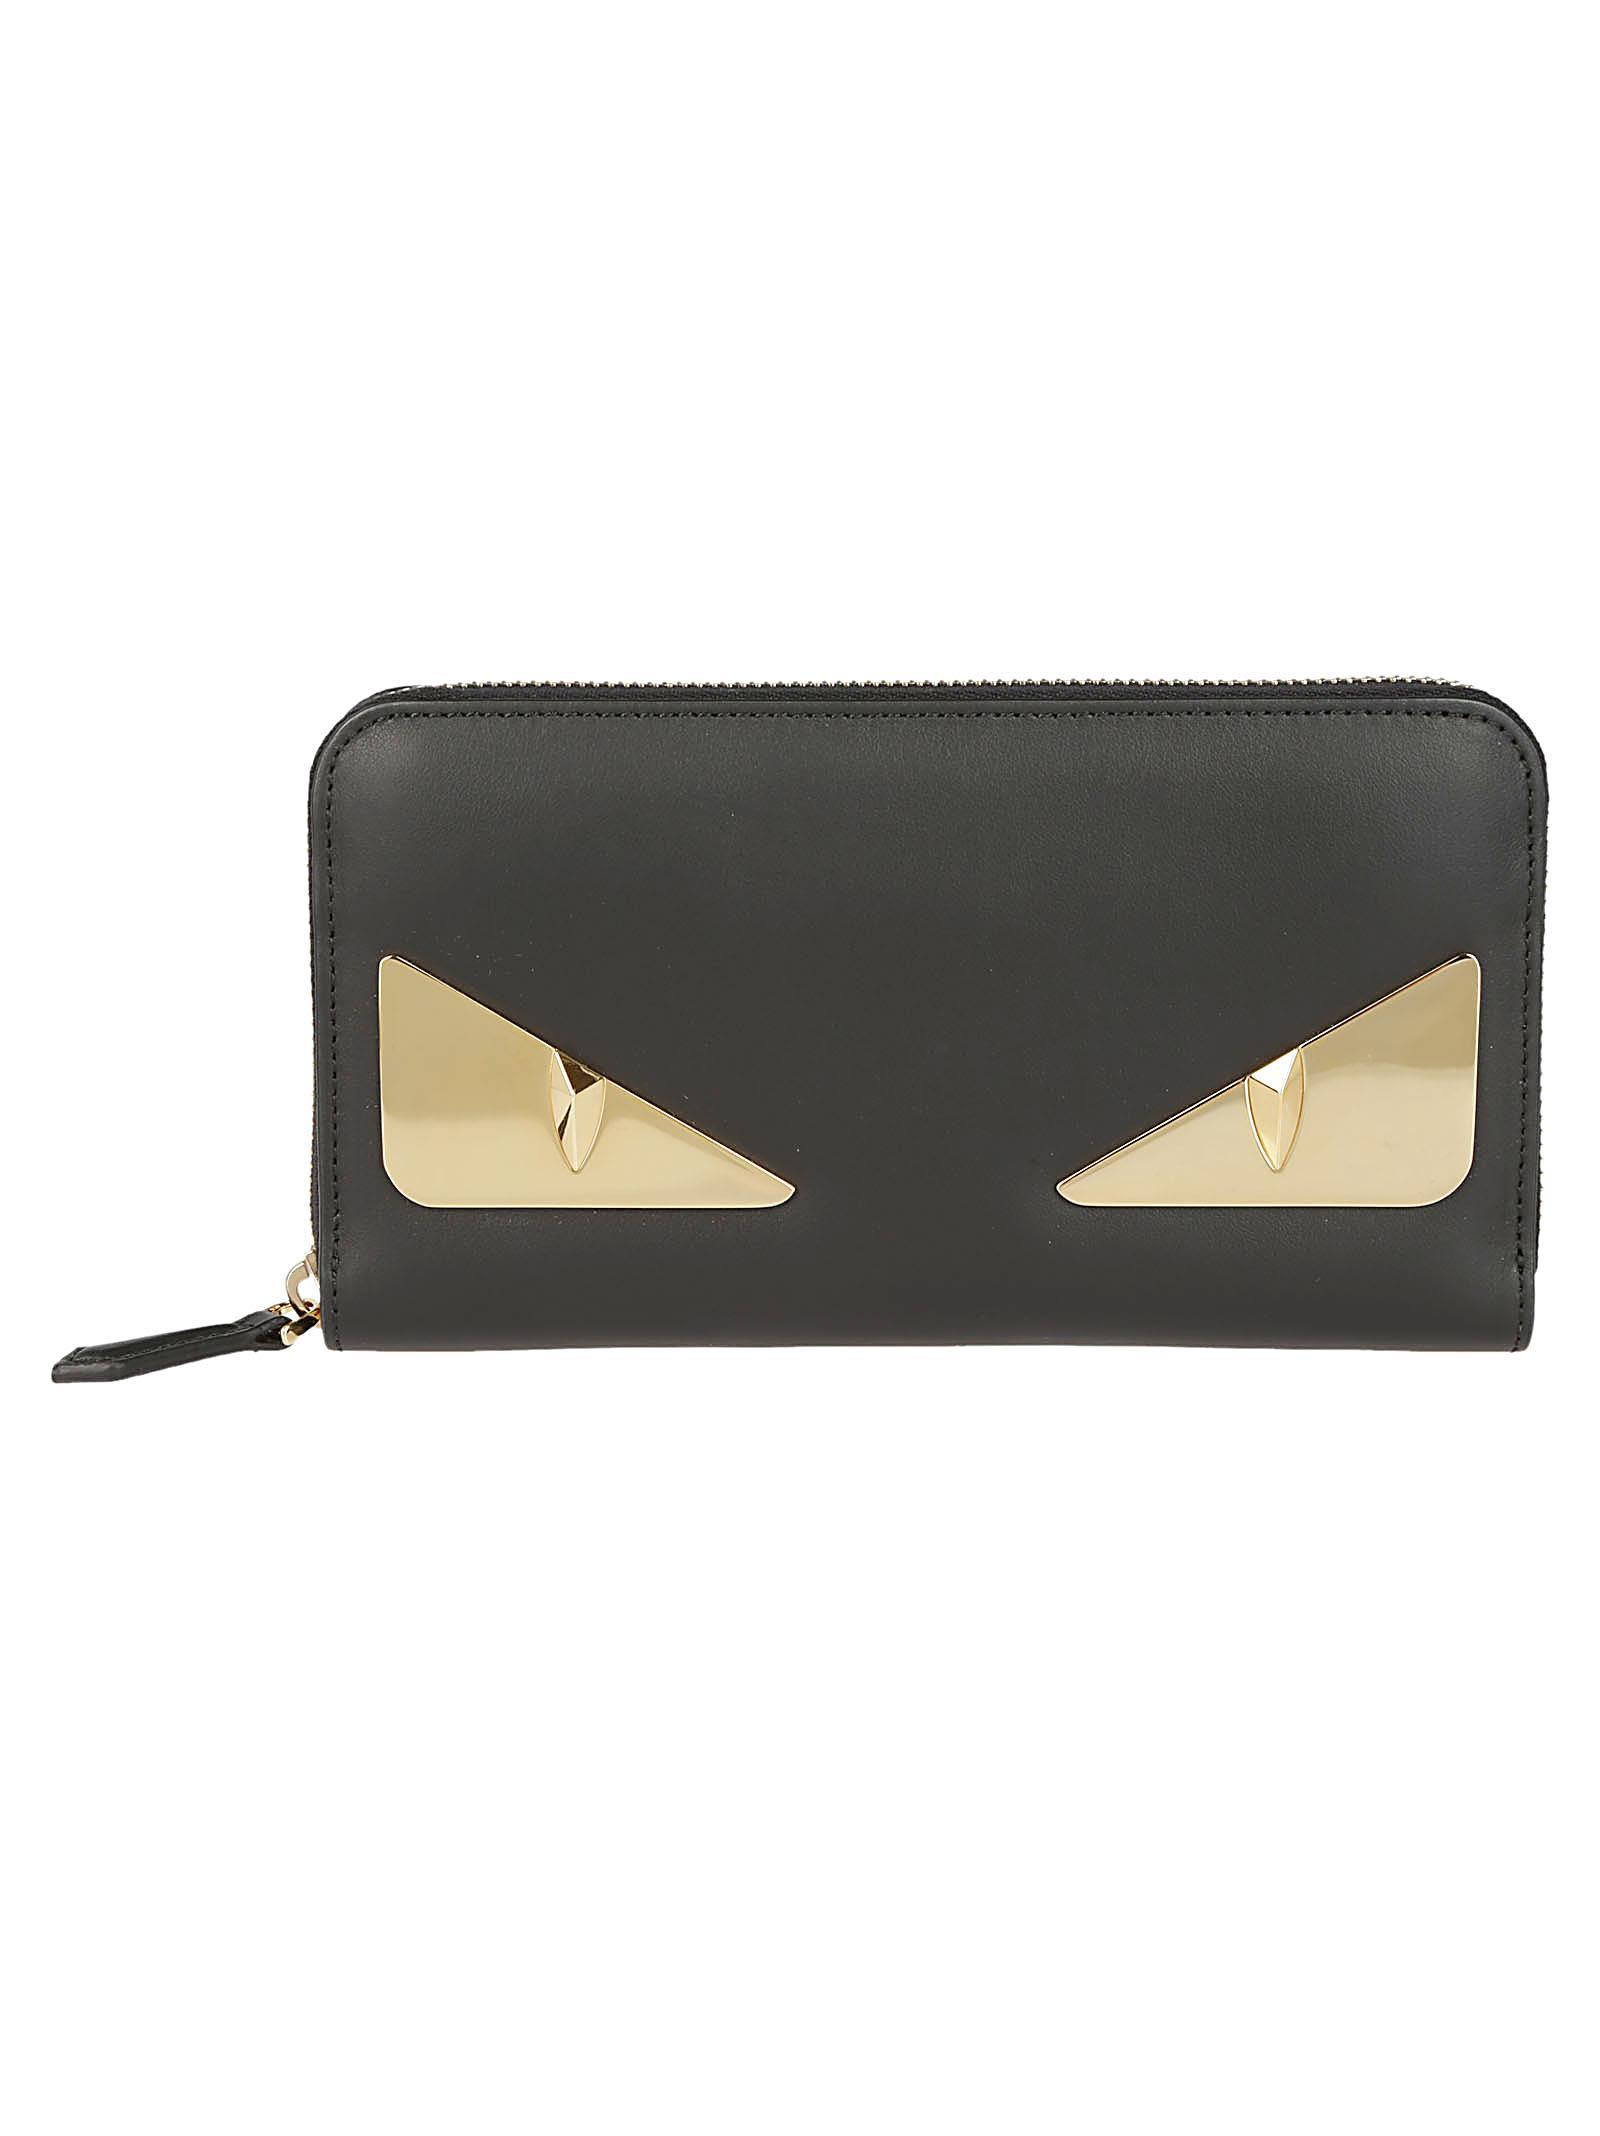 Fendi Wallets BAG BUGS ZIP AROUND WALLET